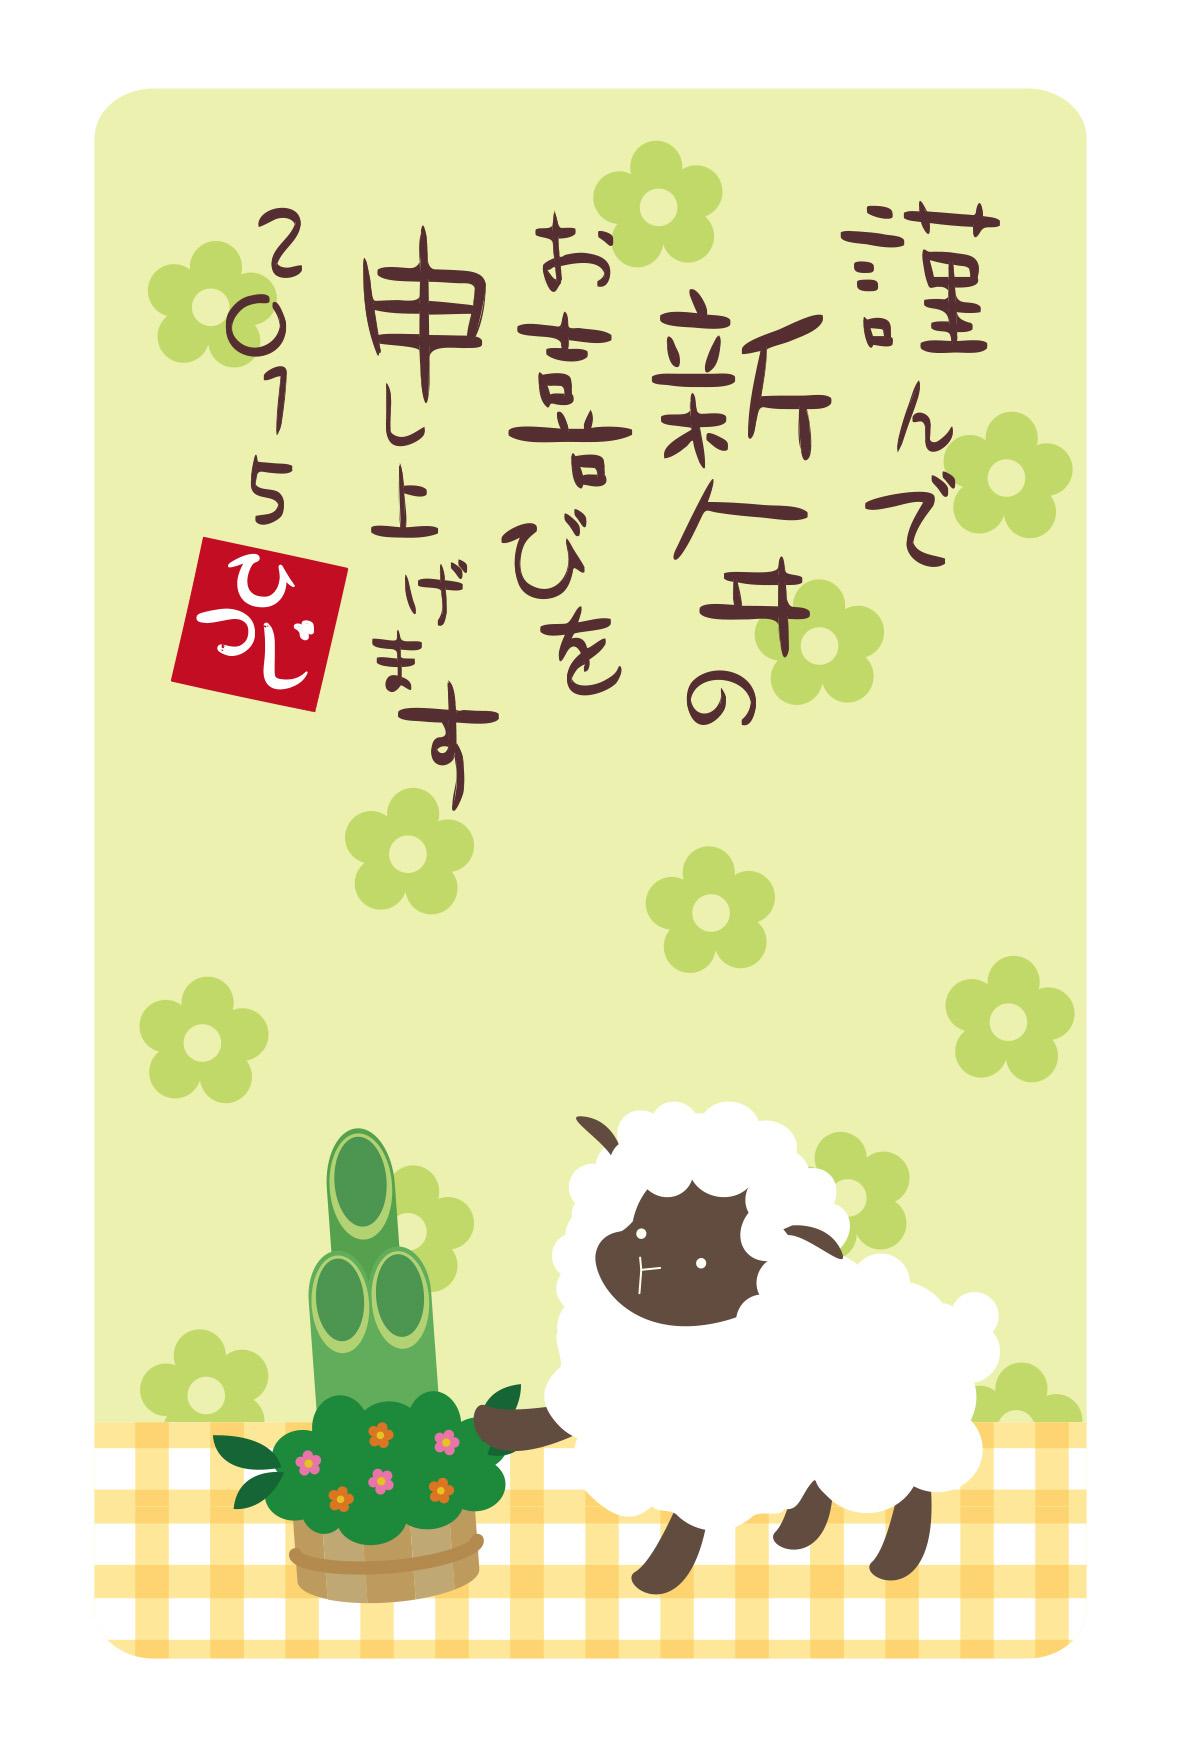 門松とひつじ 年賀状2015無料イラスト素材集